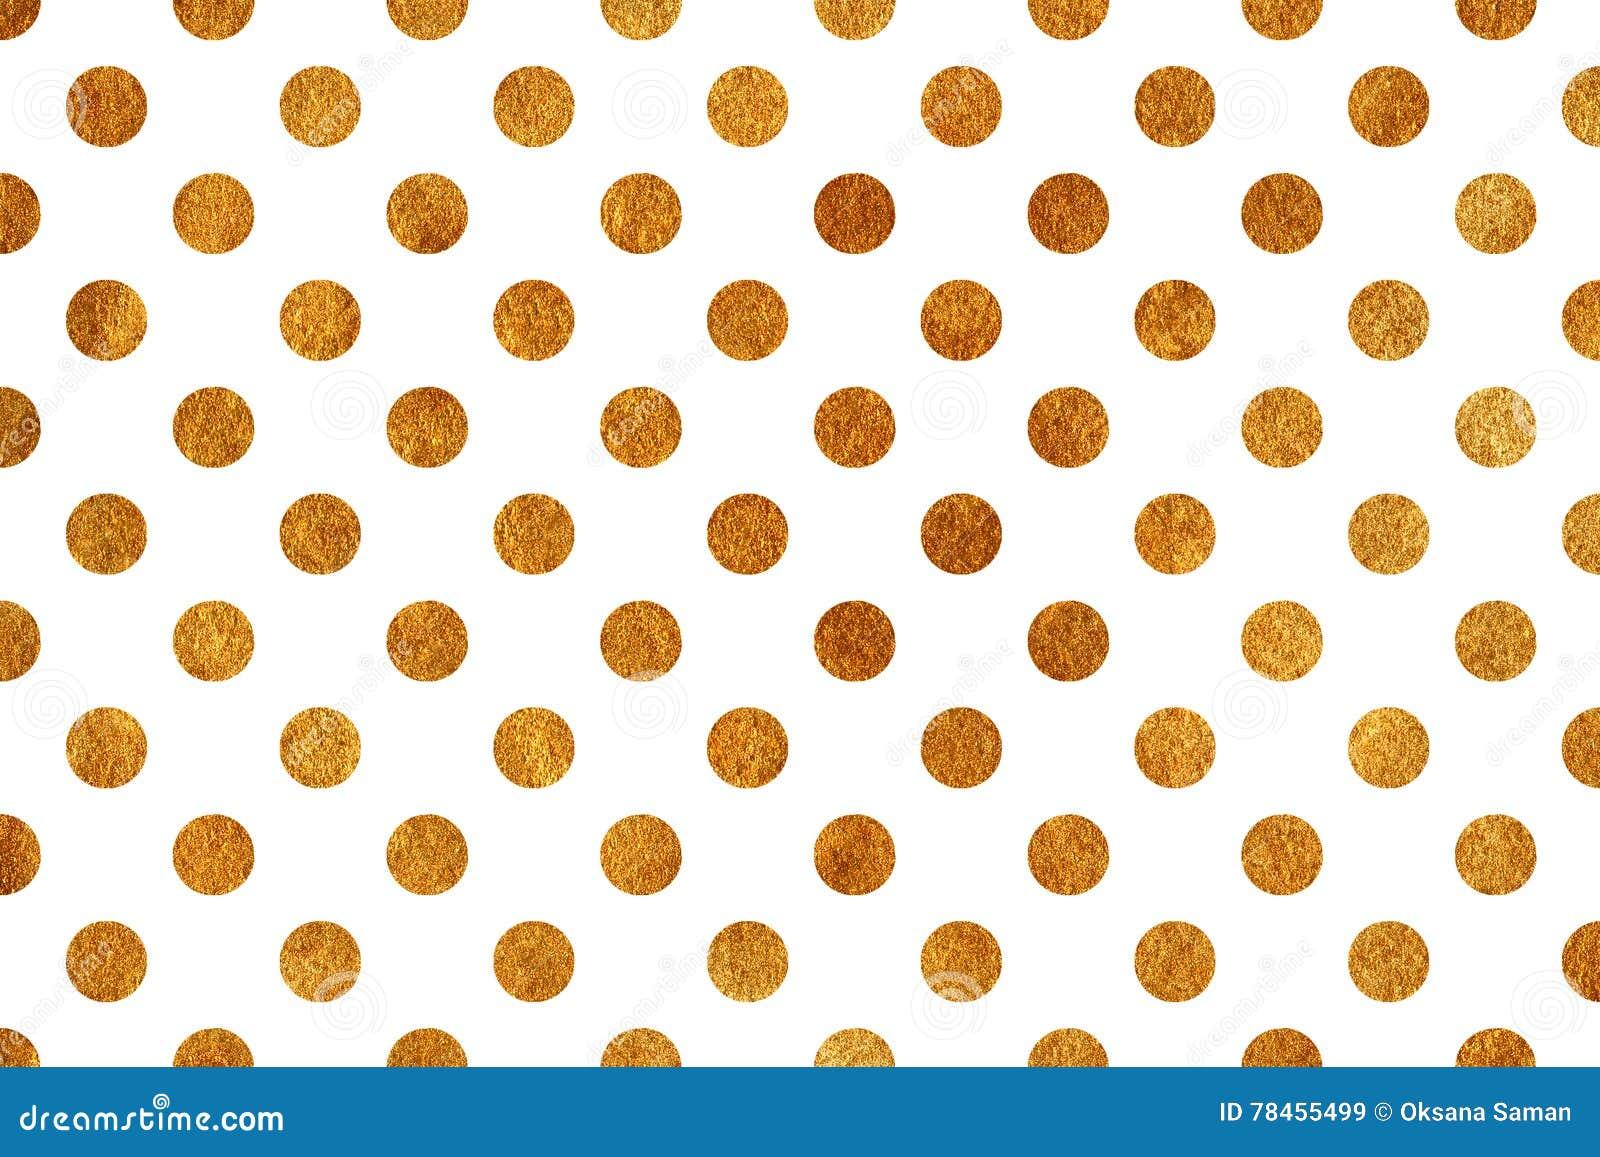 Golden Polka Dot Background Stock Illustration Illustration Of